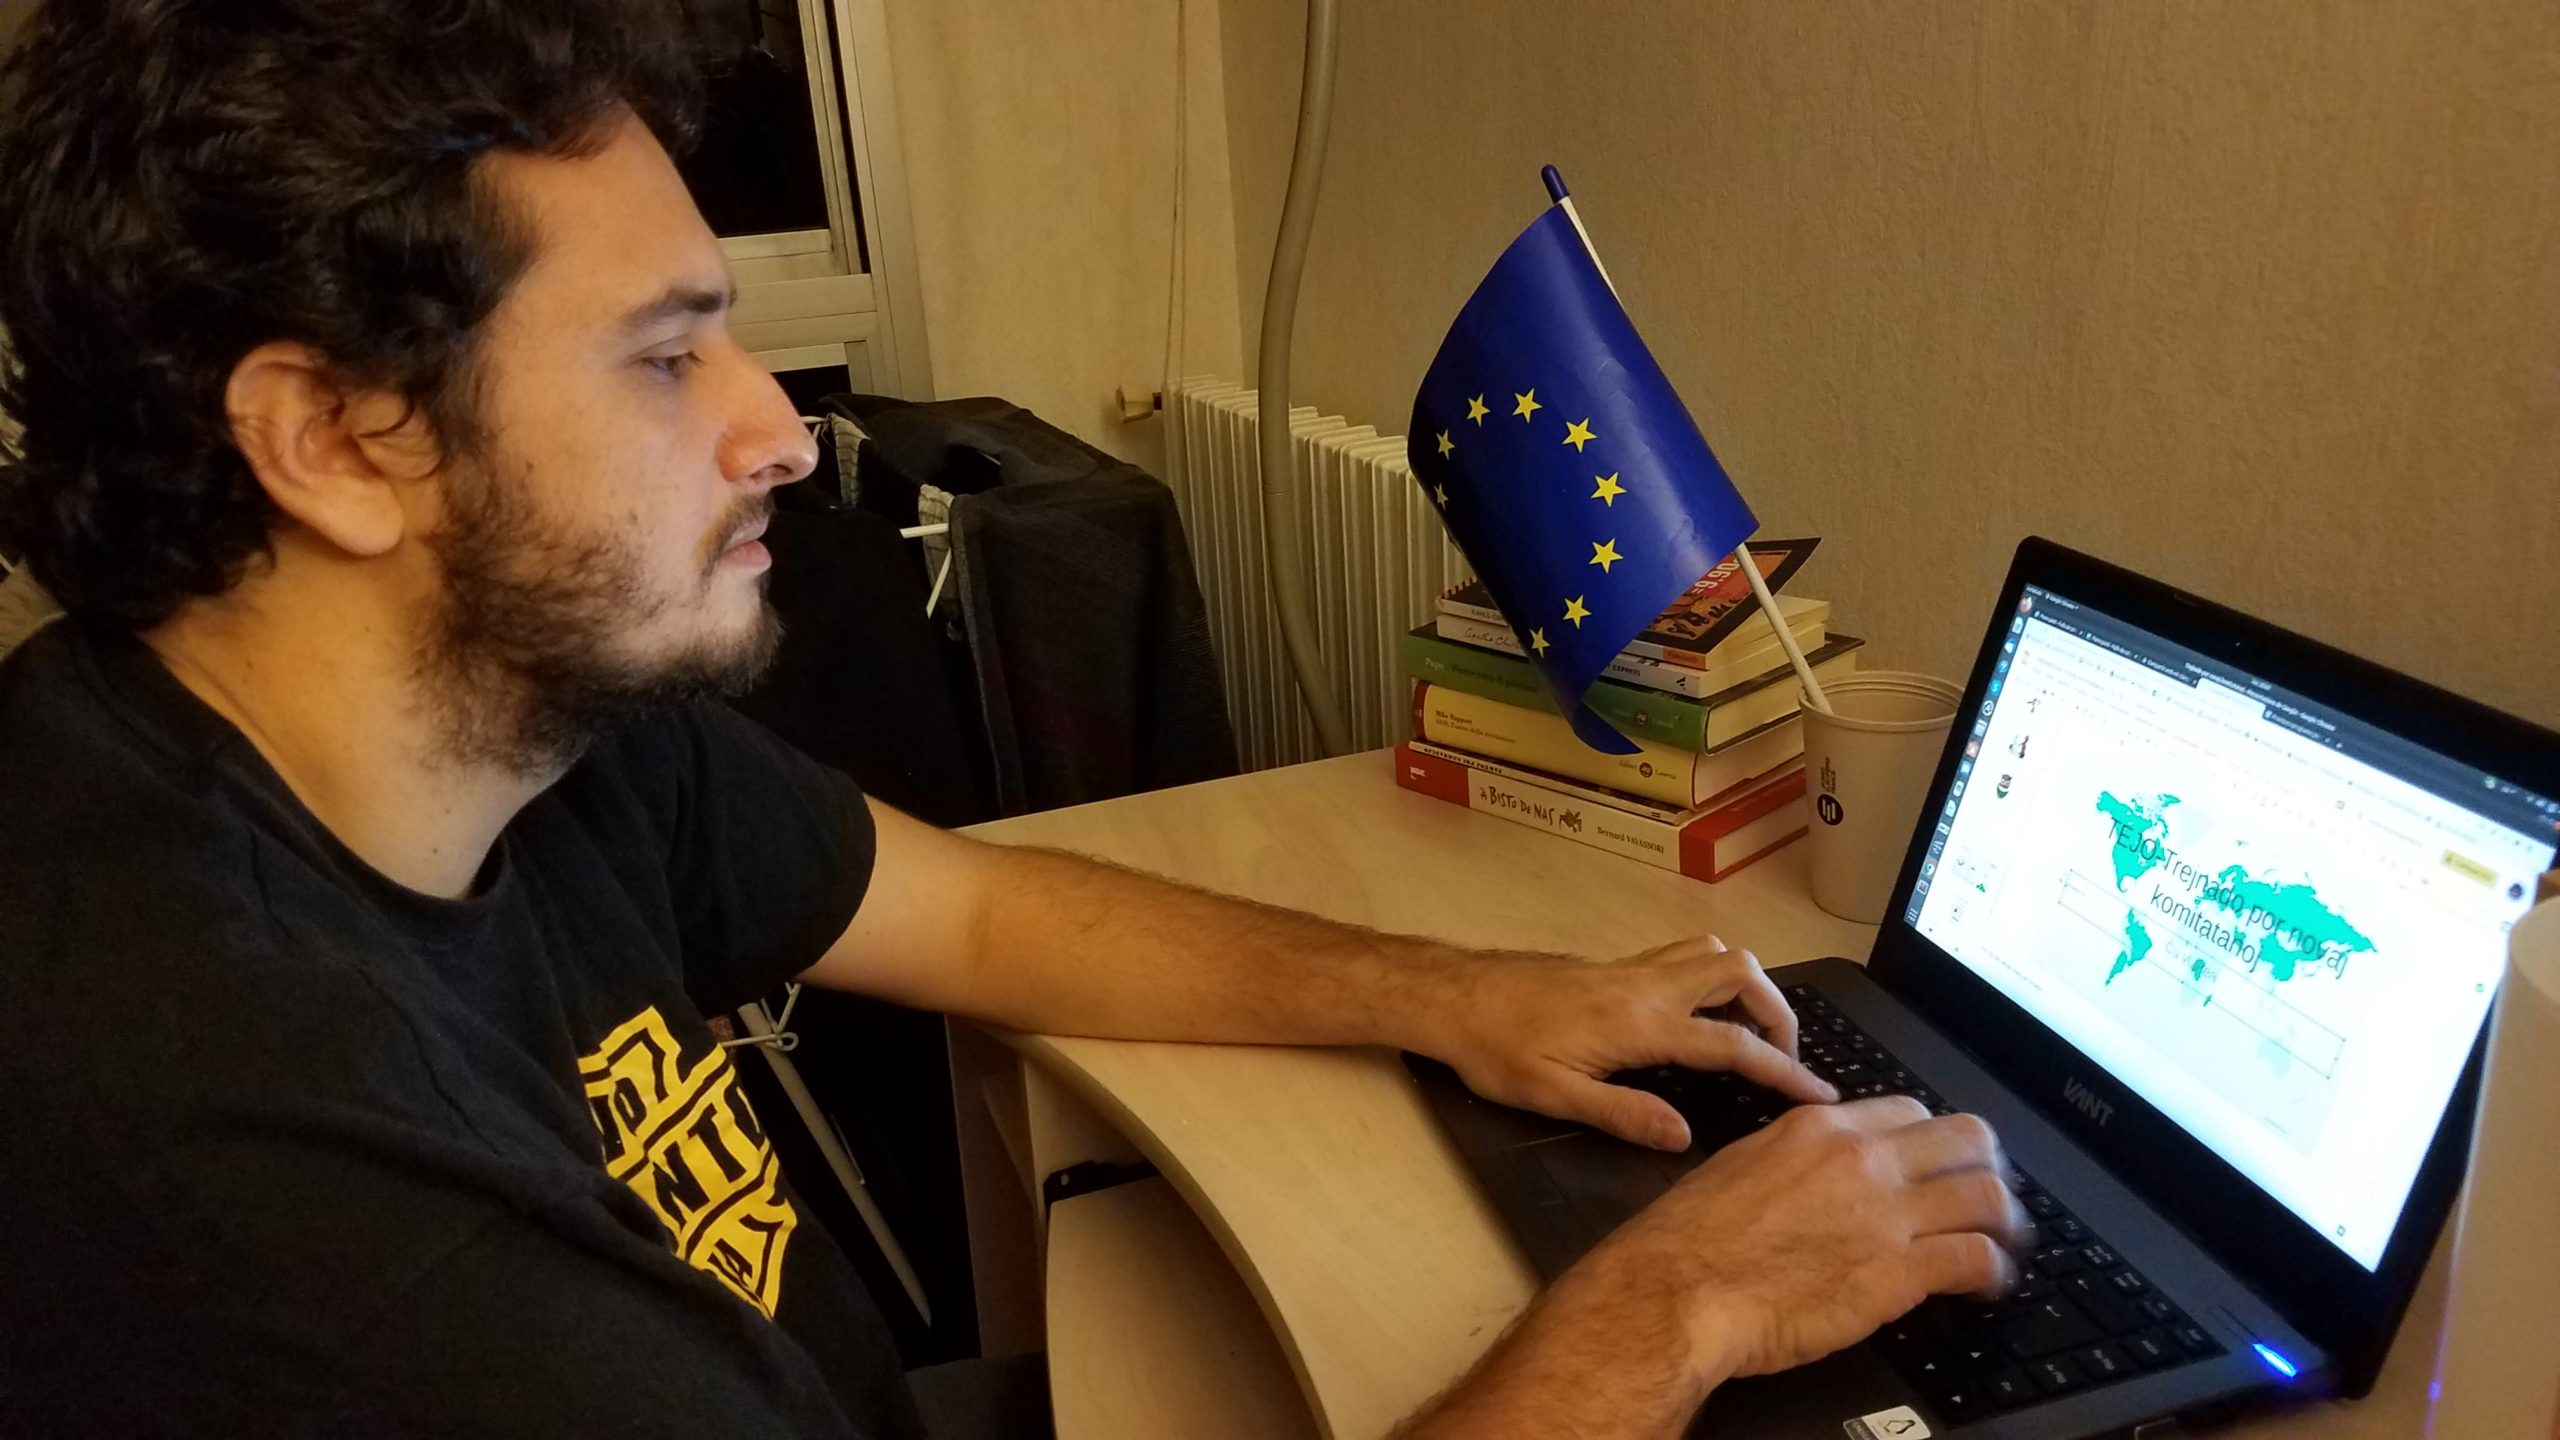 Michael Boris Mandirola travaillant sur un séminaire d'Espéranto - Crédit : Floriane Mezaz